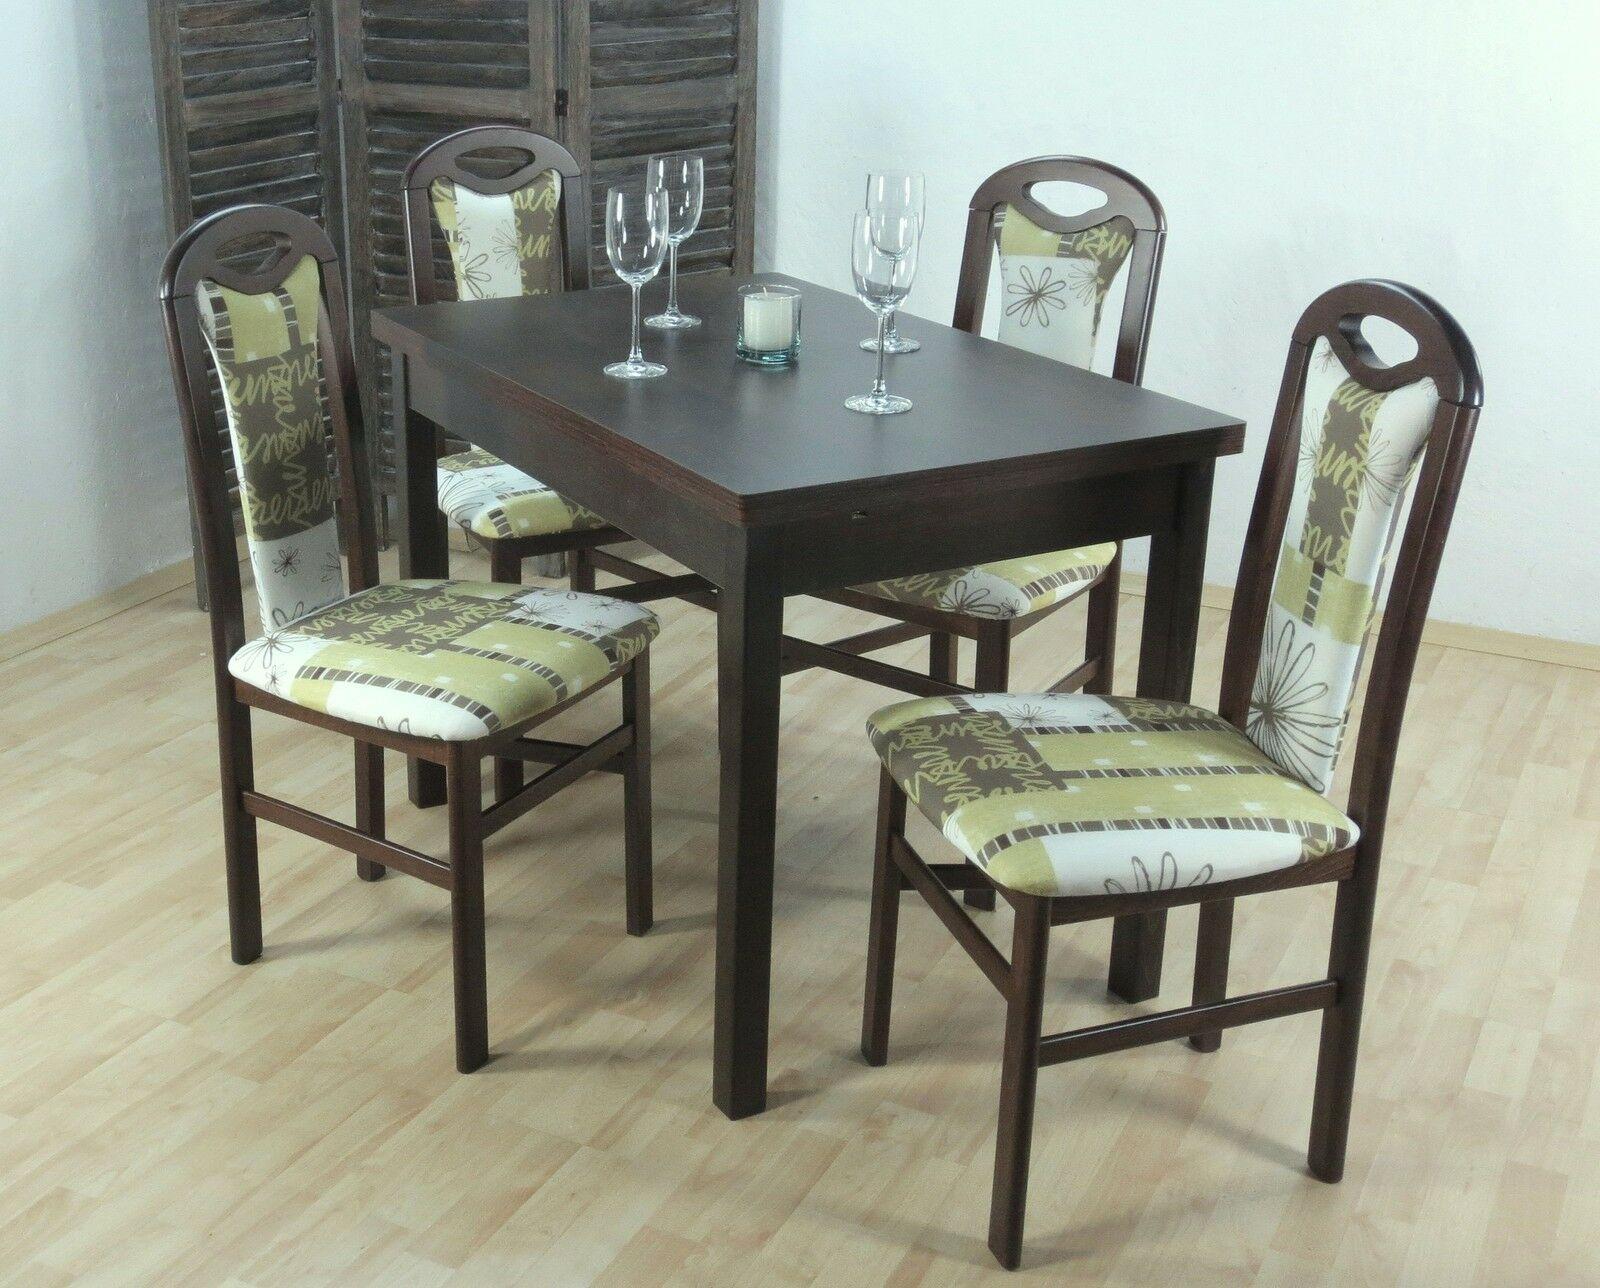 Moderne tischgruppe massiv nu baum creme olive tisch st hle g nstig preiswert kaufen bei go - Moderne stuhle gunstig ...